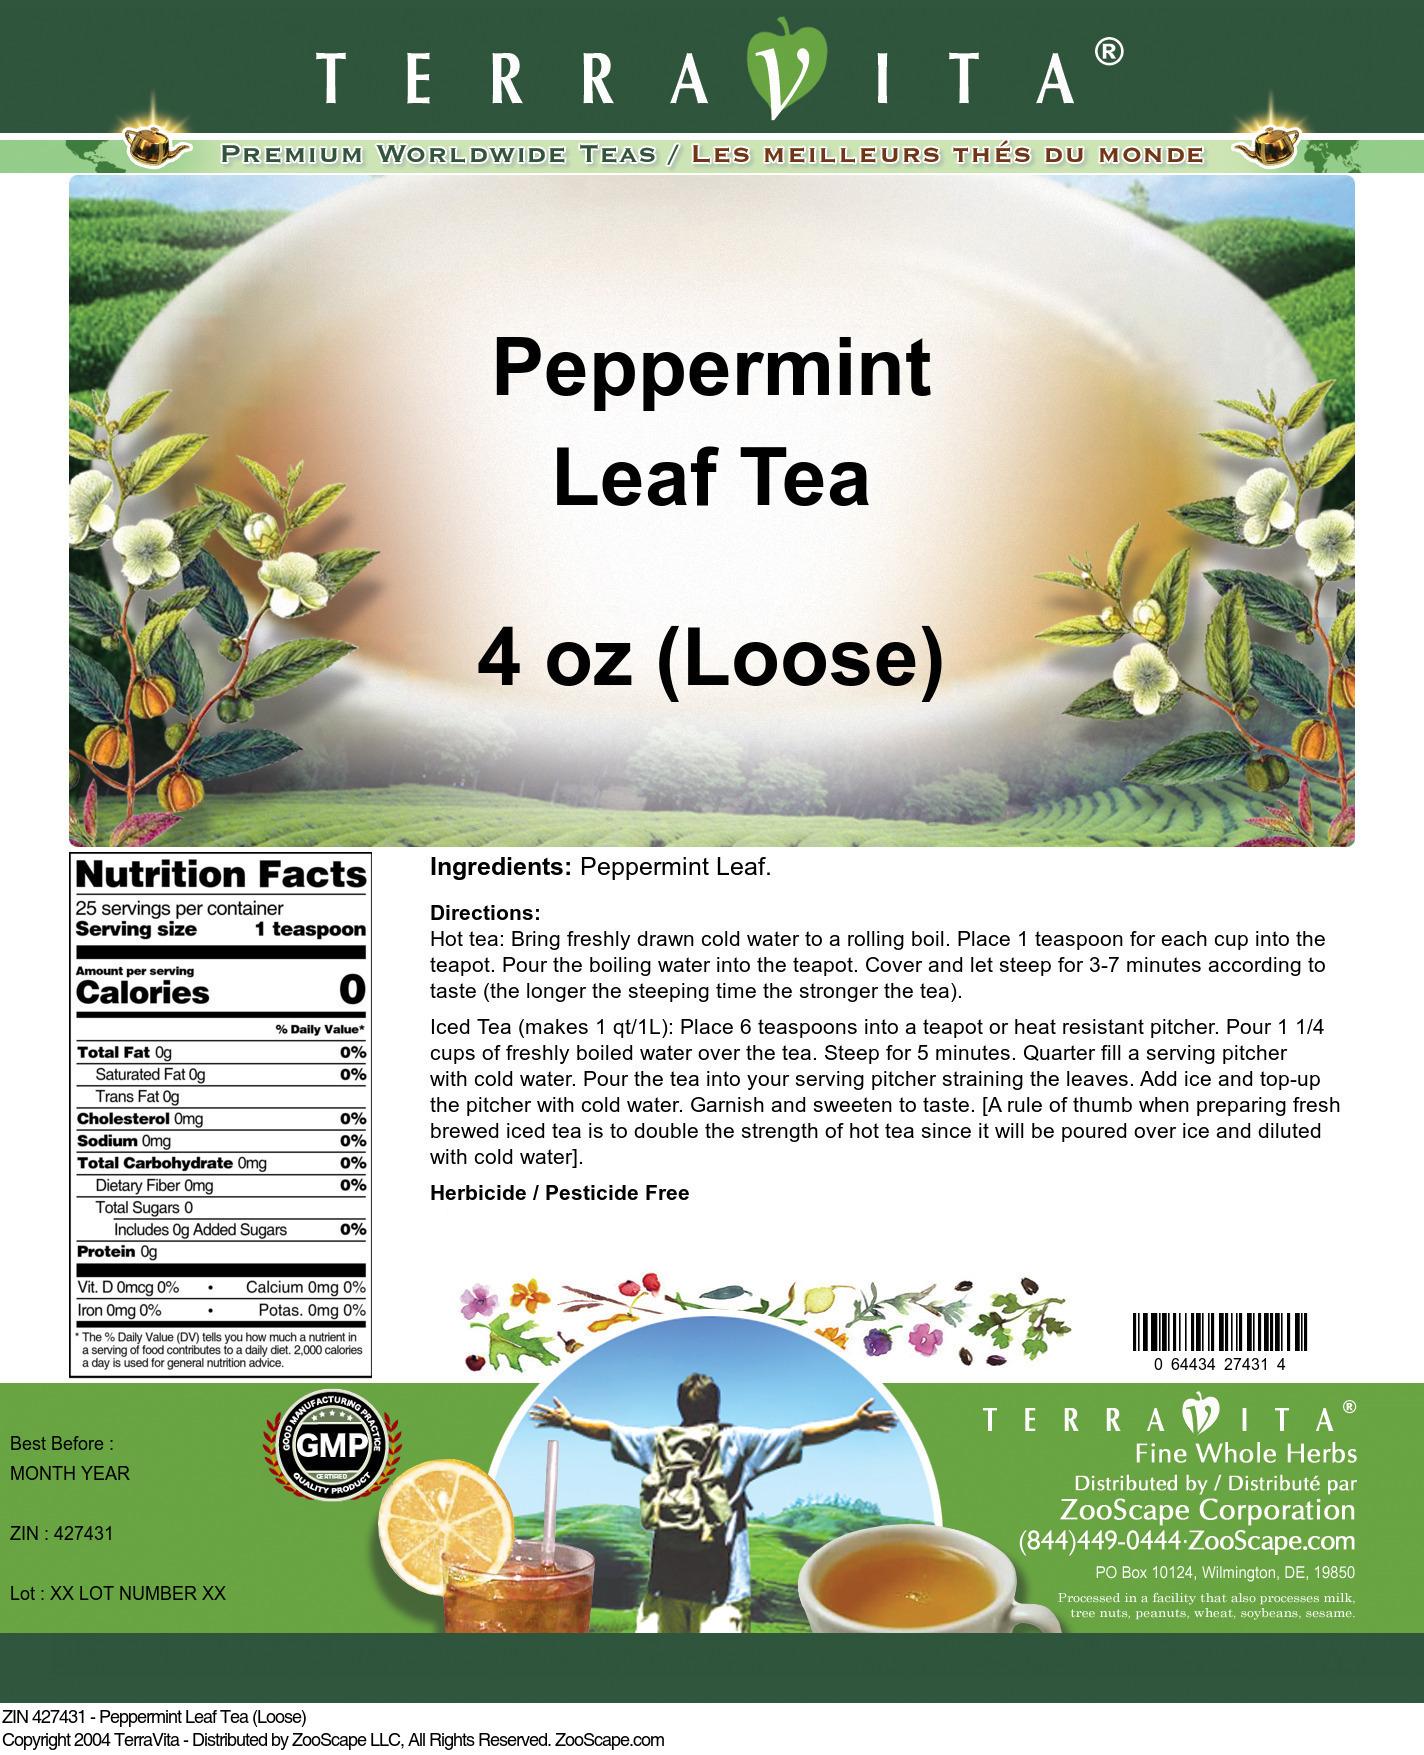 Peppermint Leaf Tea (Loose)